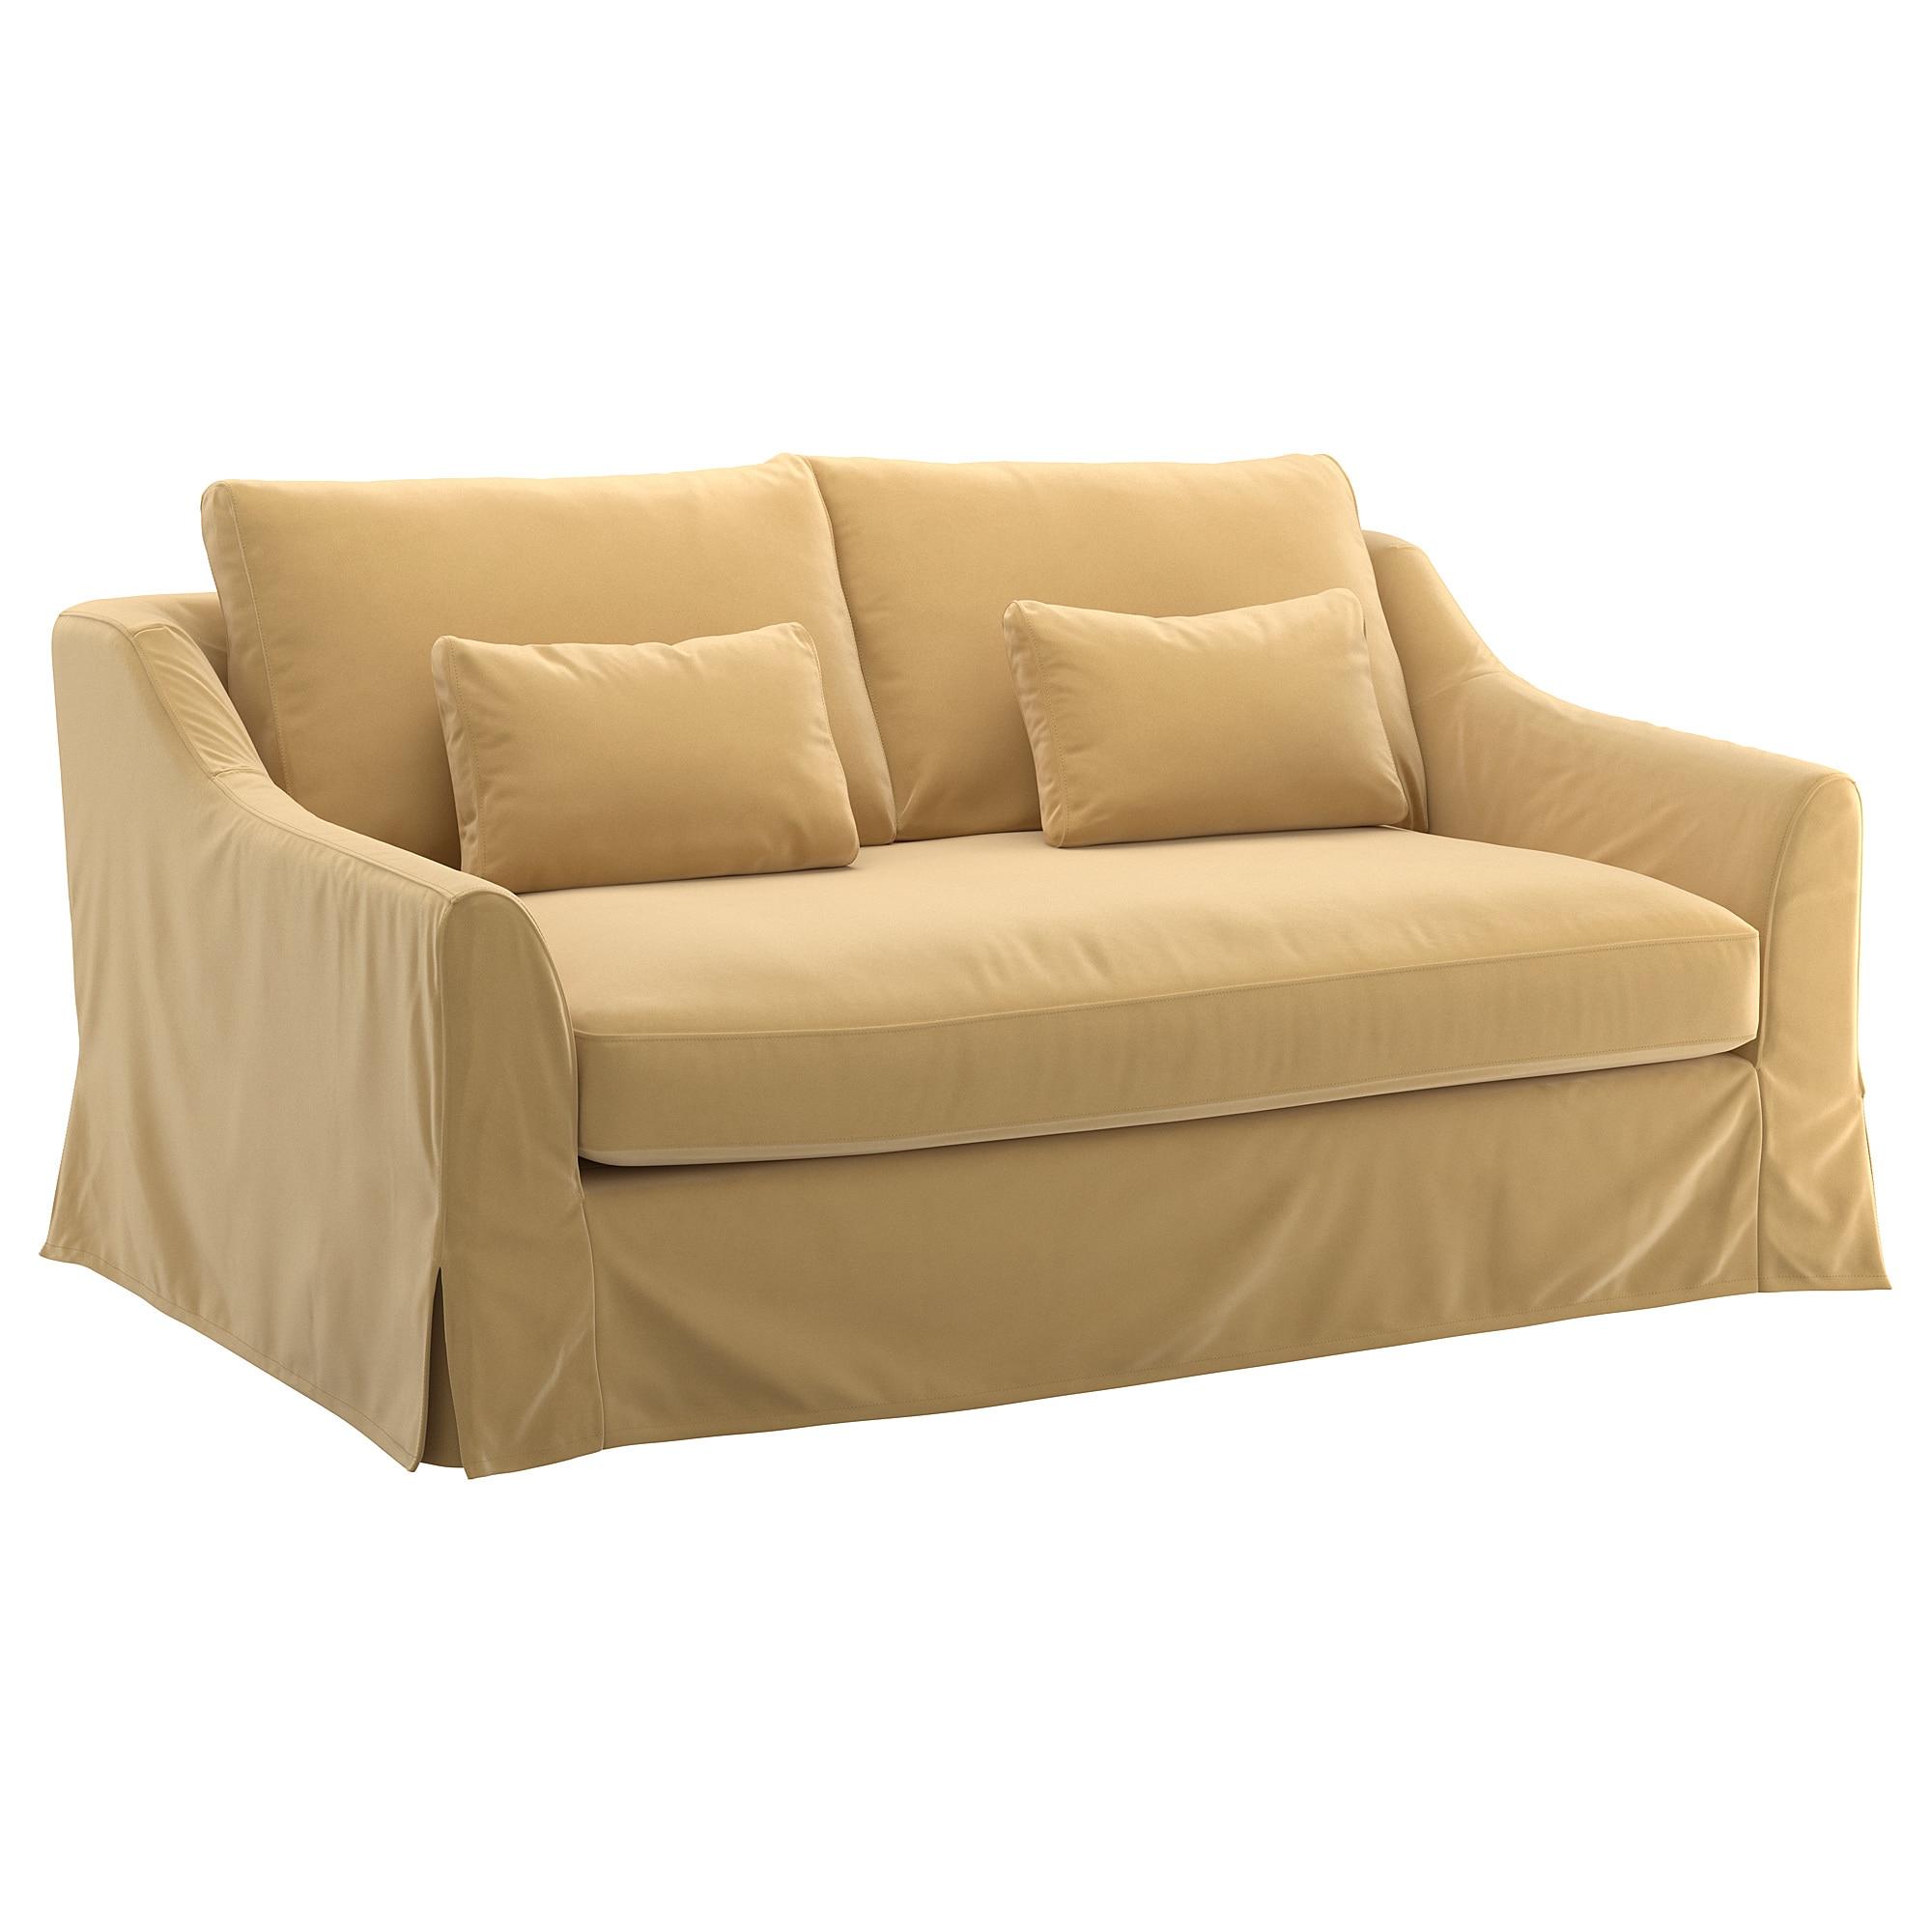 Fundas De sofa Ikea Kvdd Fà Rlà V Funda Para sofà De 2 Plazas Djuparp Beige Dorado Ikea